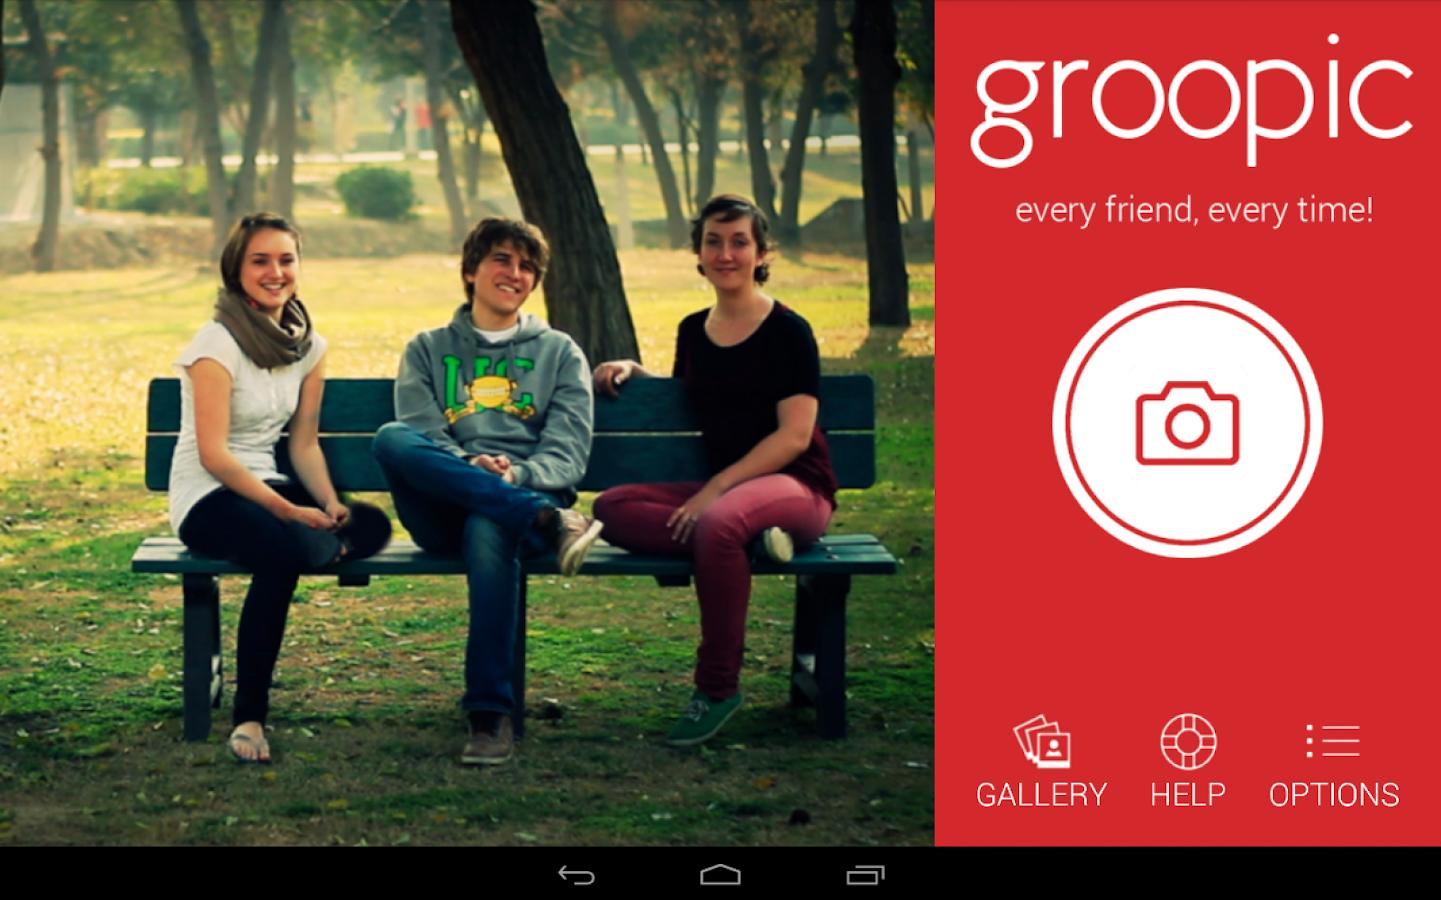 groopic - screenshot